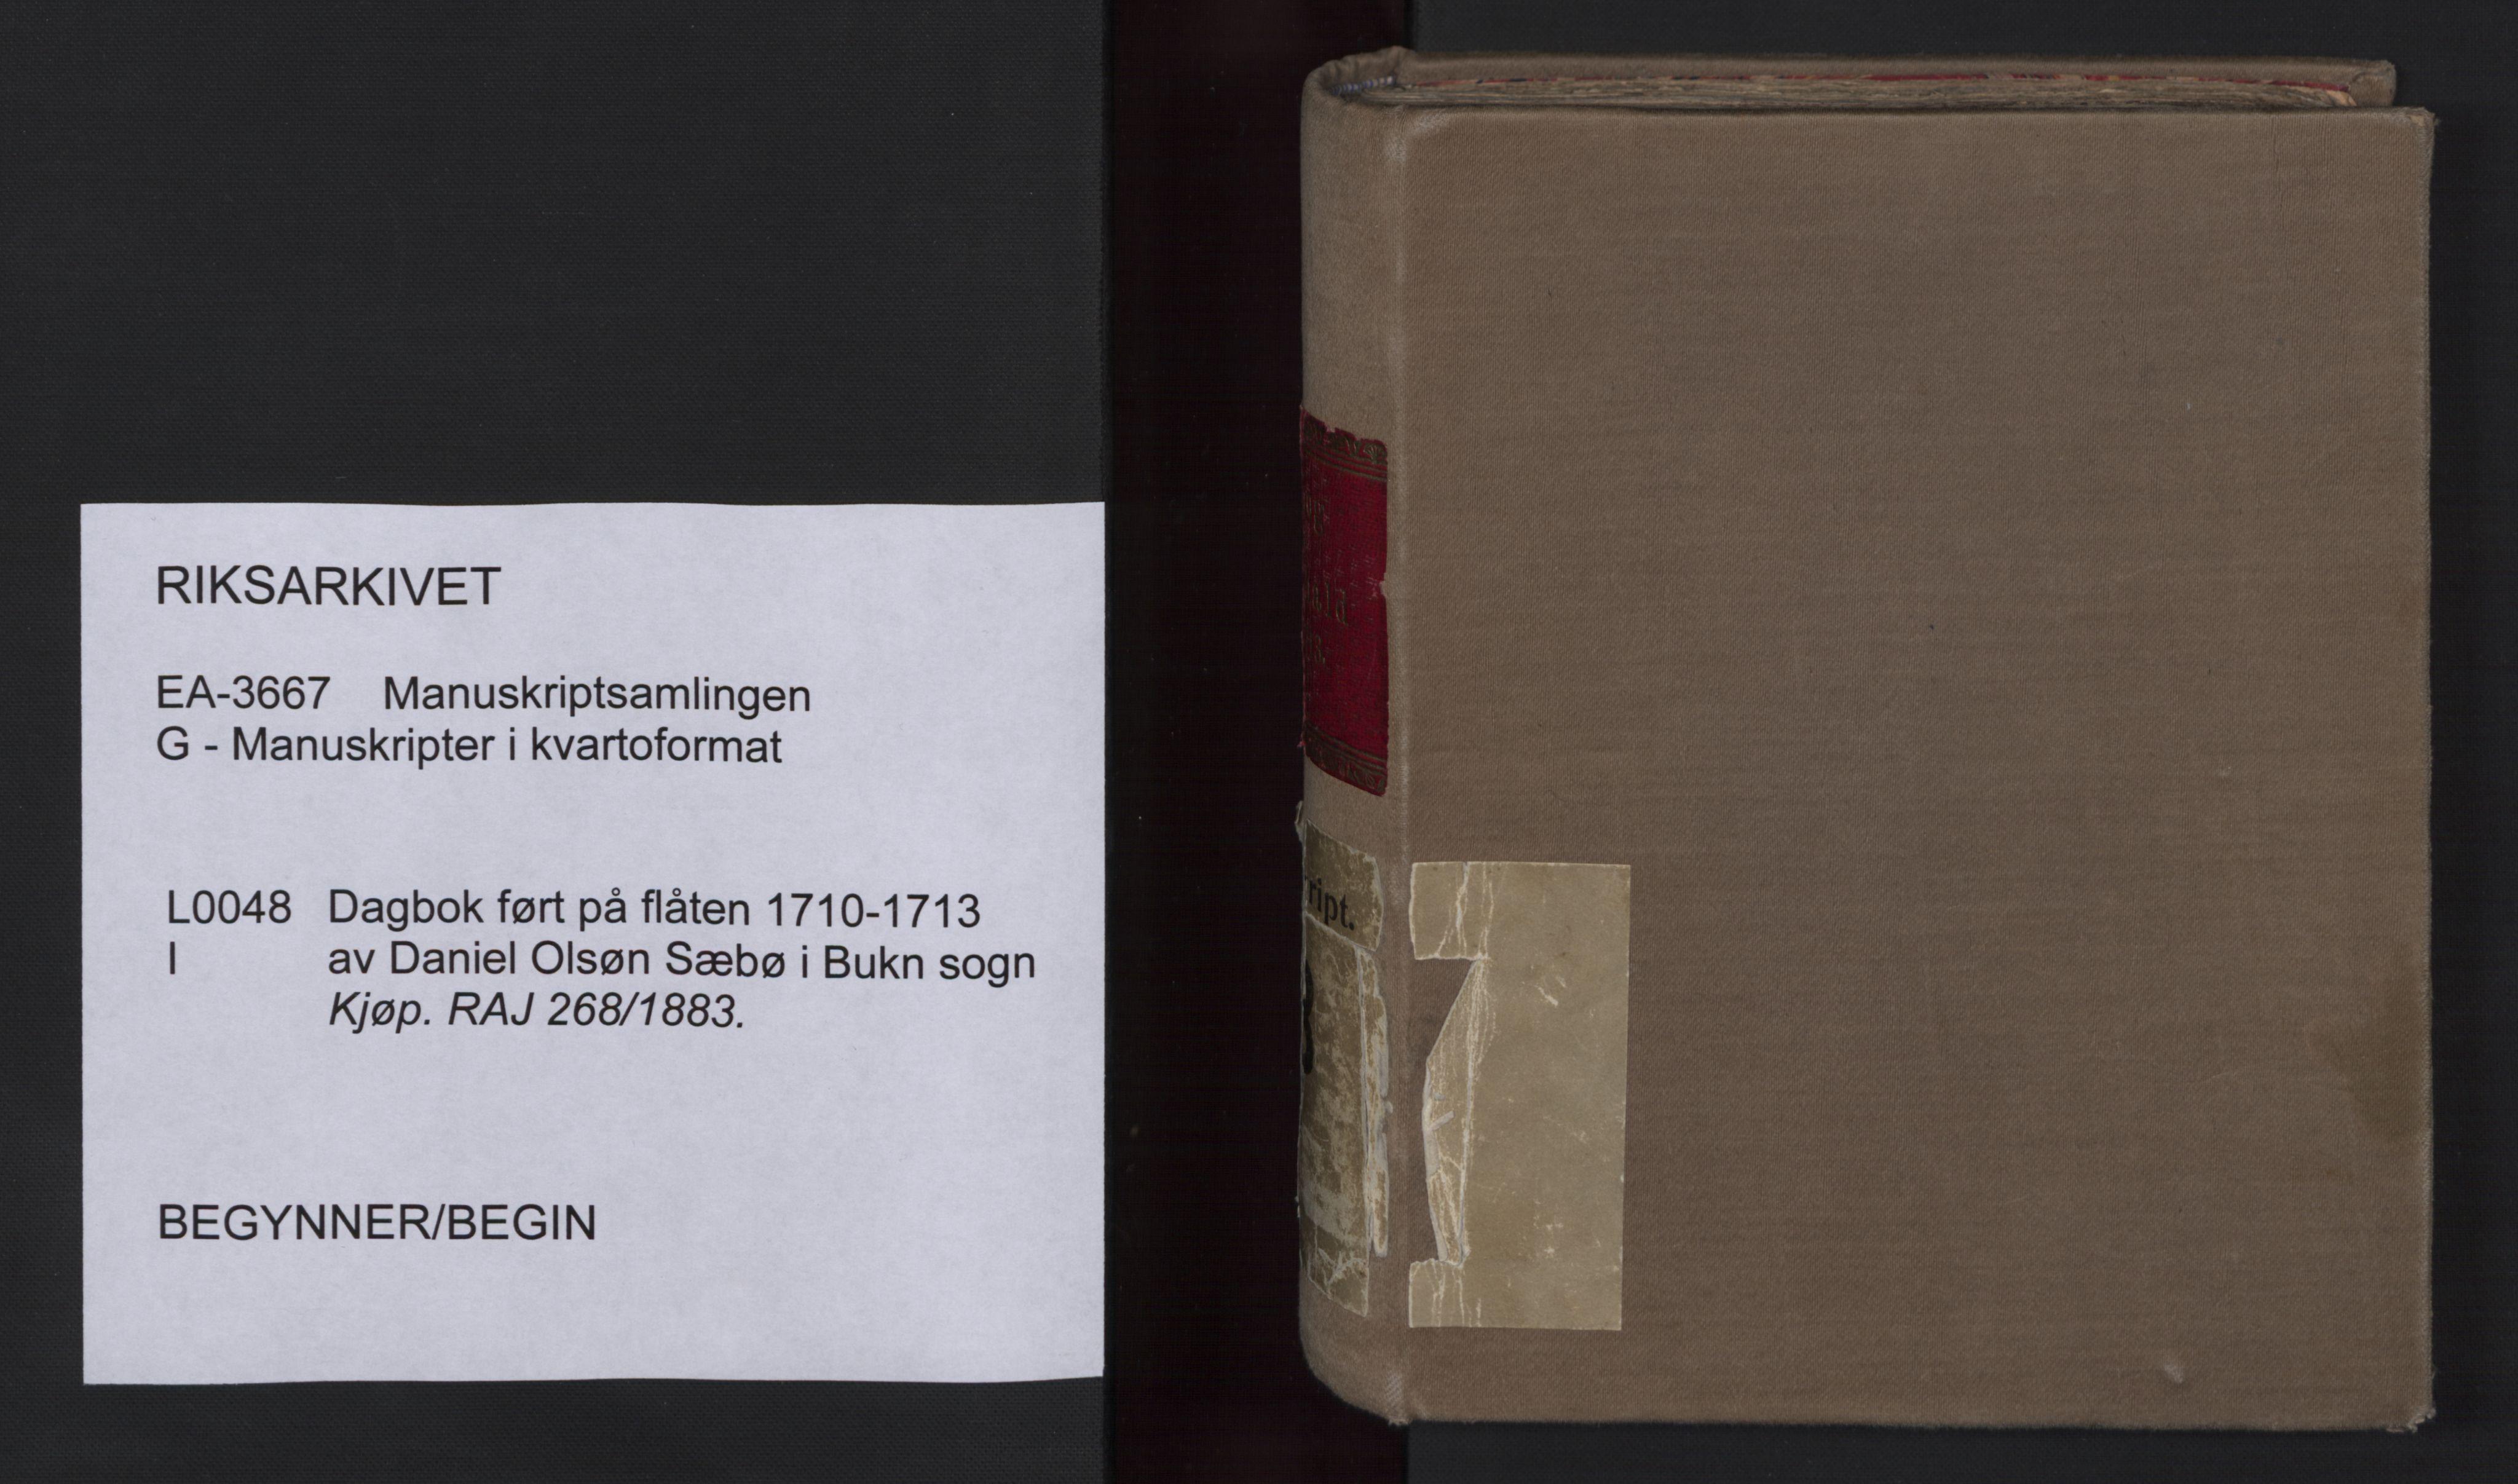 RA, Manuskriptsamlingen, G/L0048a: Nils Trosners dagbok ført på flåten 1710-1713 bd. I, 1710-1713, s. upaginert